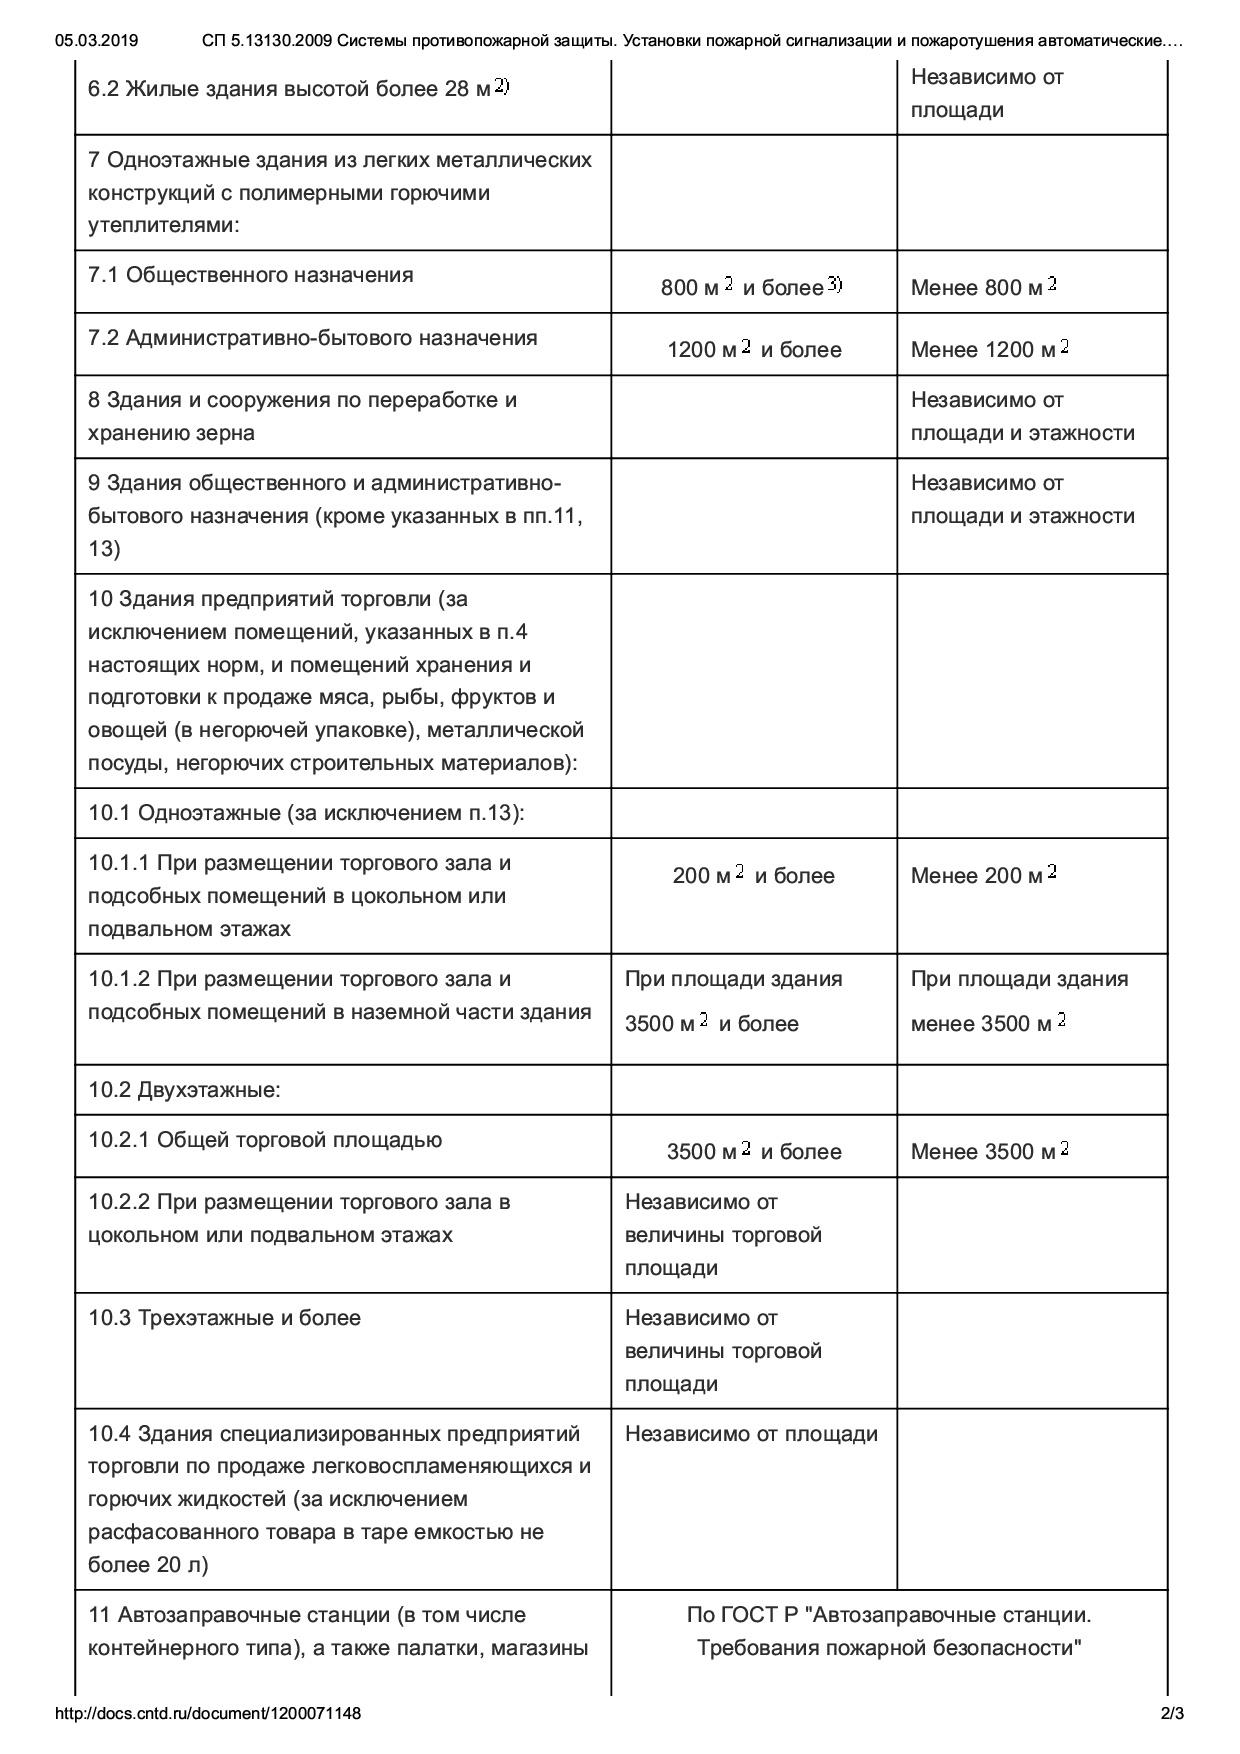 косяки в нормативных документах 2